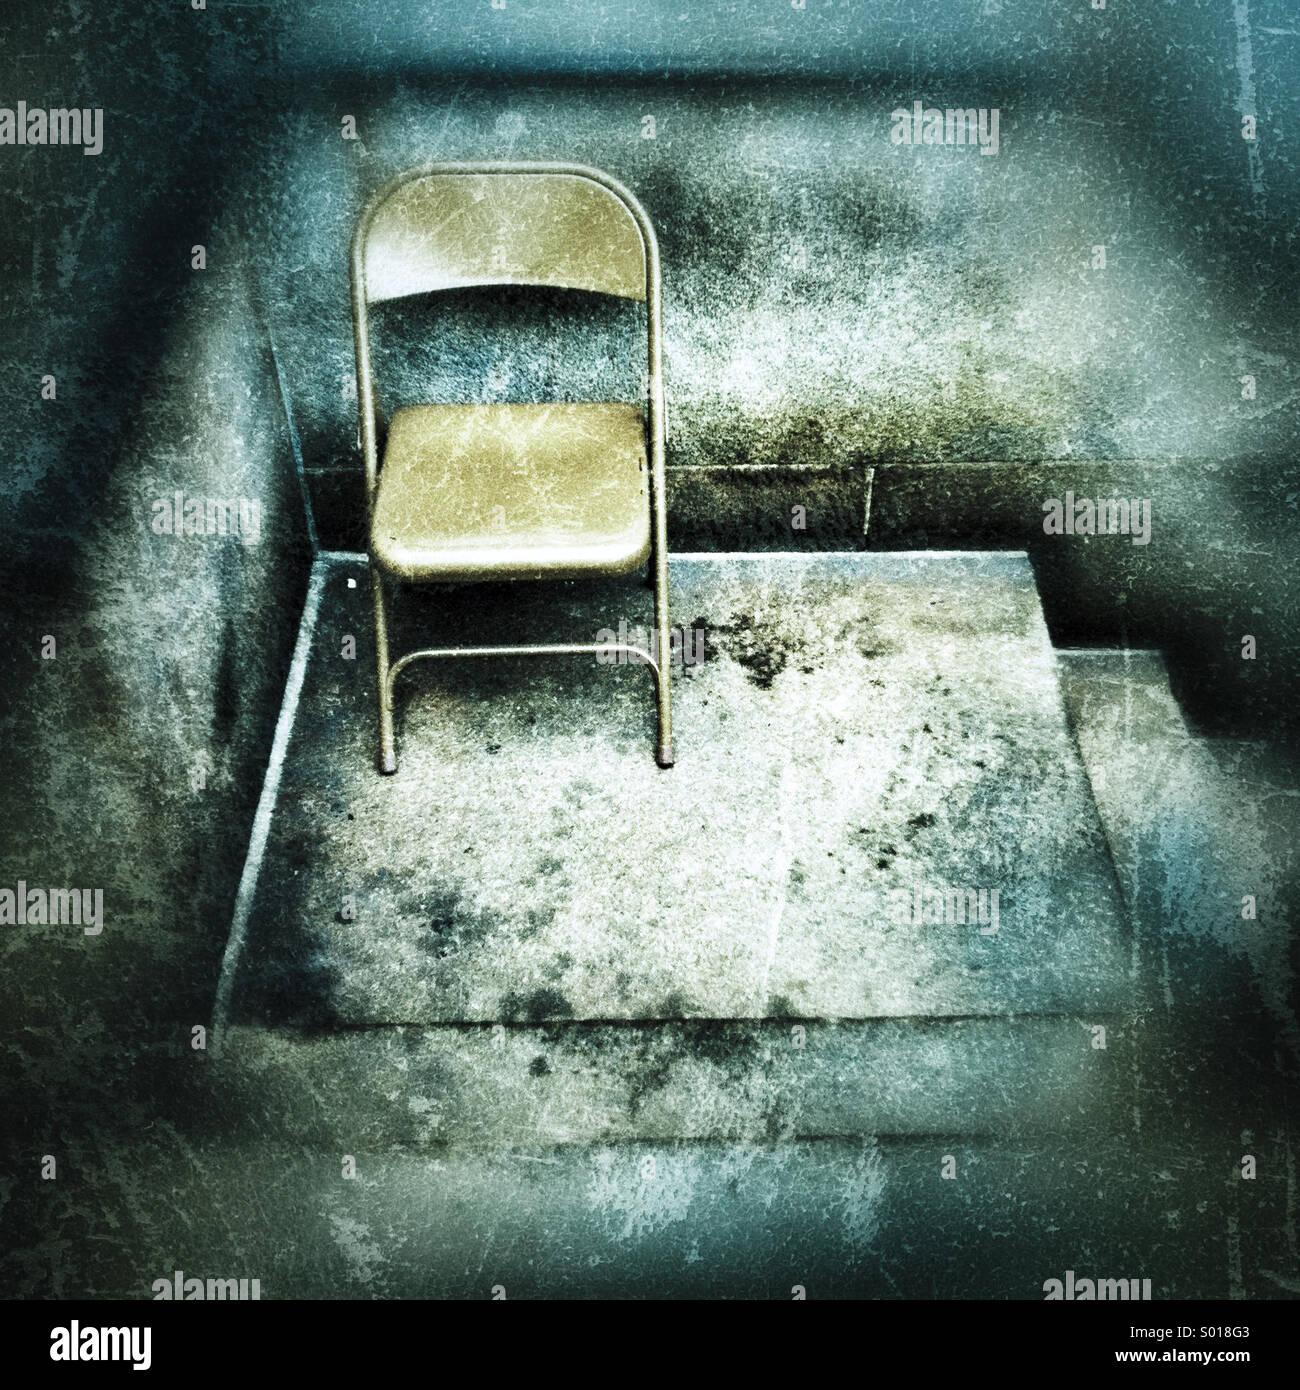 Ein Metall Klappstuhl sitzen auf einem notleidenden aussehende Zement stoop Stockbild